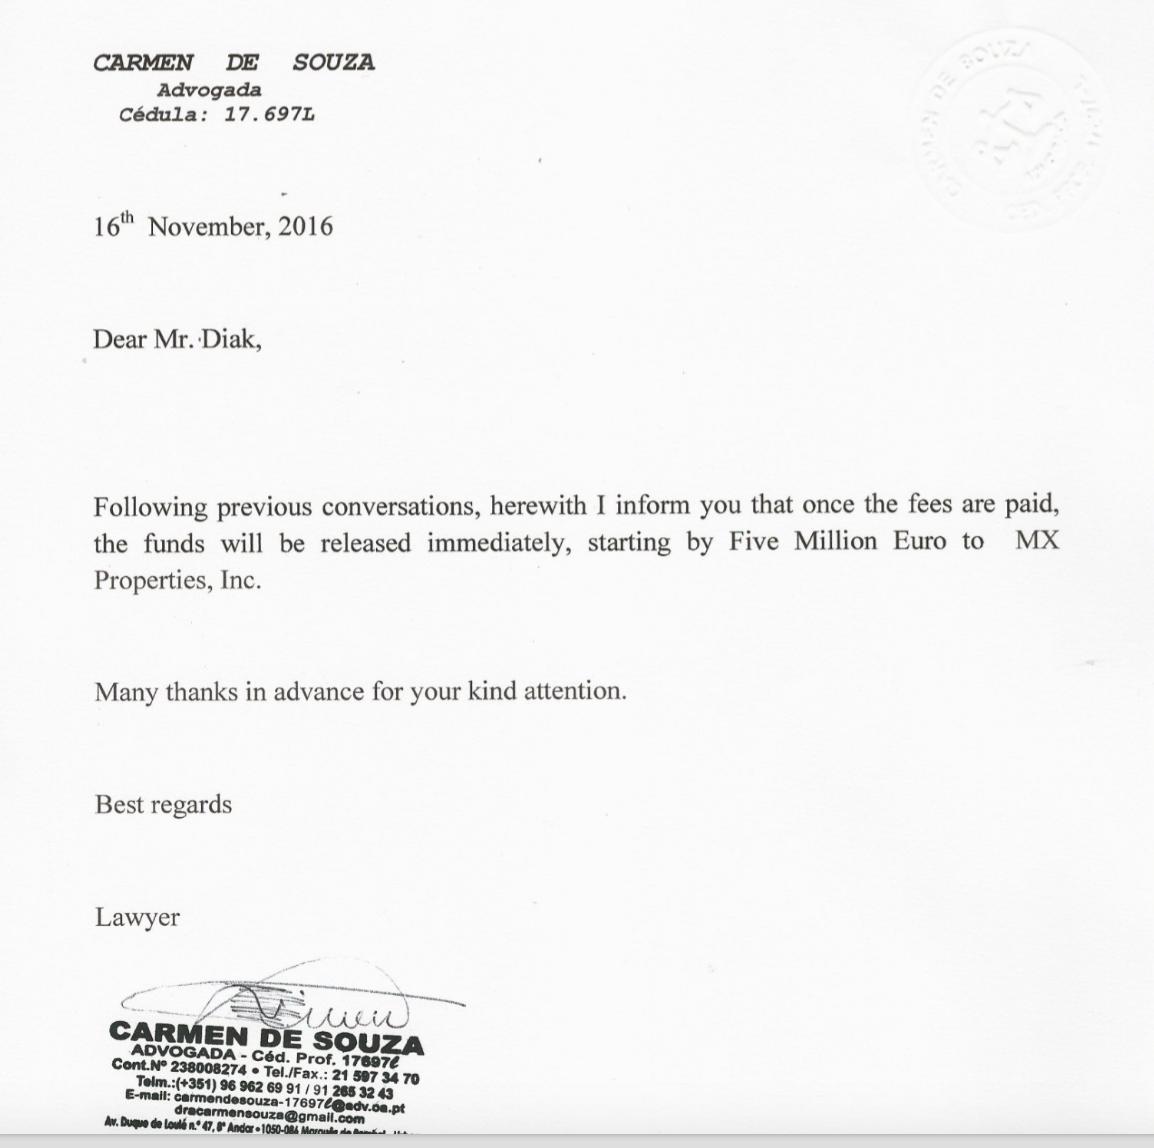 Unfair Business Practices   Carmen De Souza   Lawyers In Lisbon   Lisbon  Portugal  Letter Of Good Faith